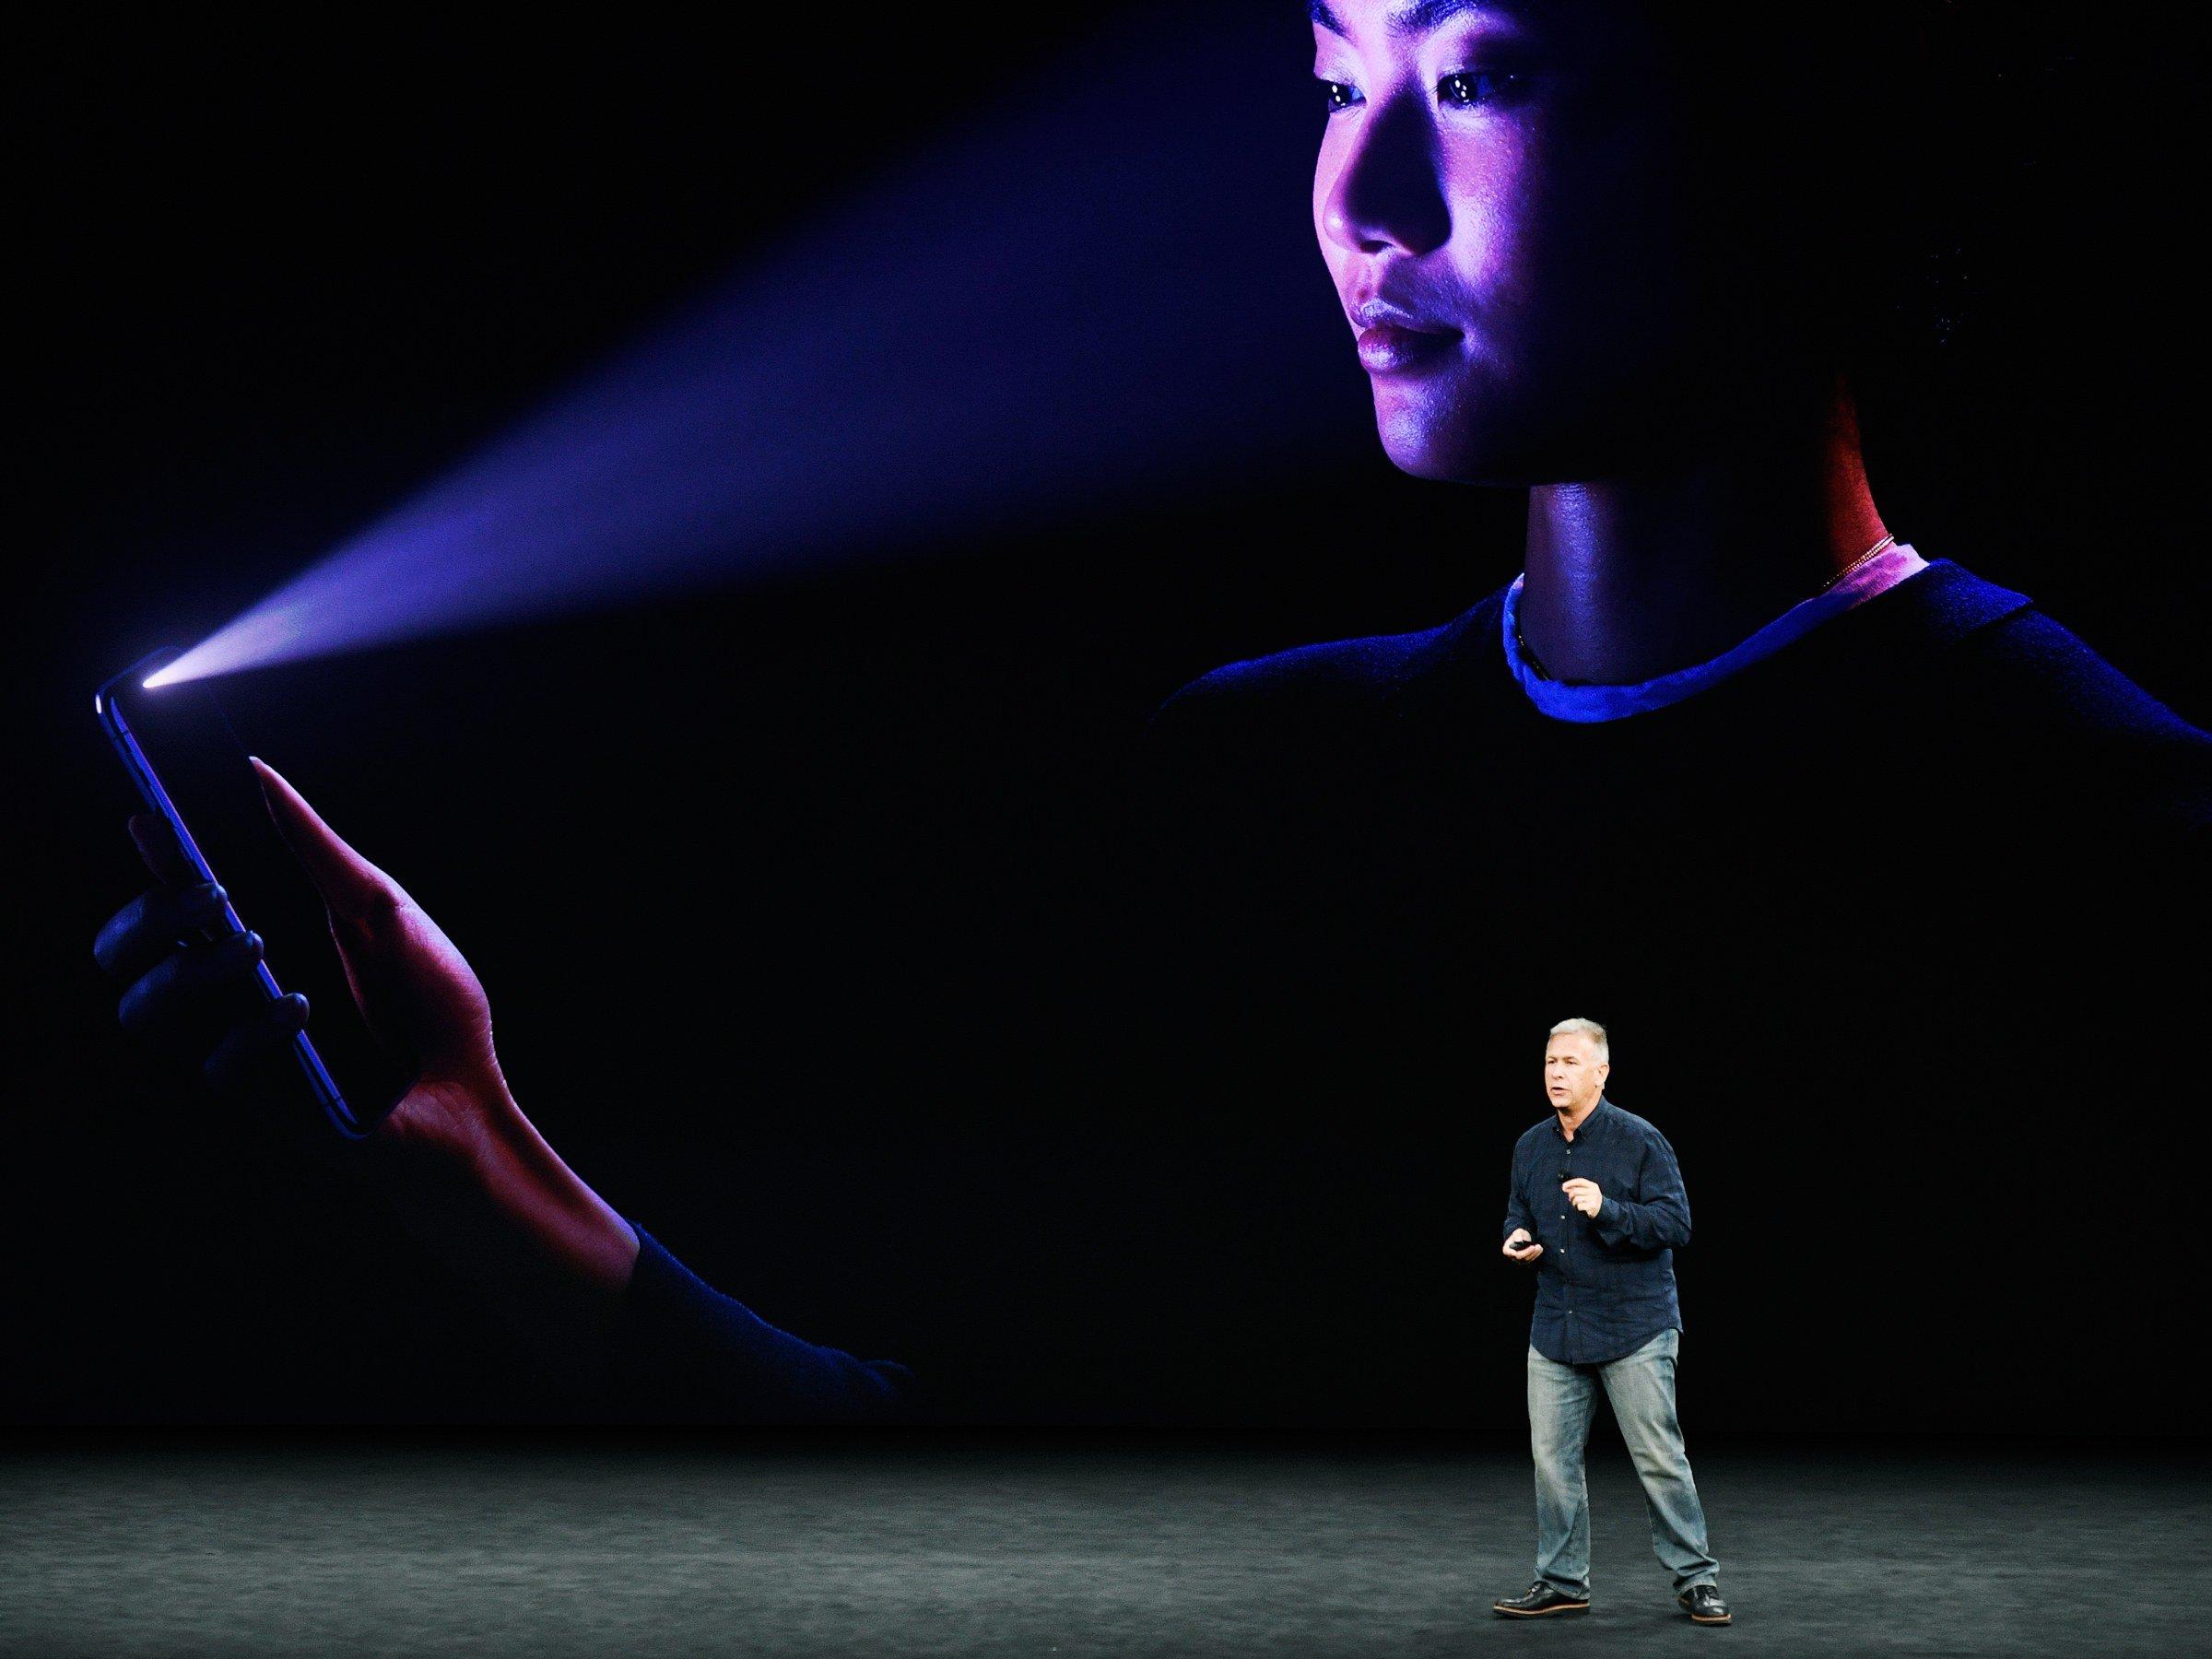 Владимирские близнецы потребовали отApple 20 млн руб. из-за уязвимости iPhone X